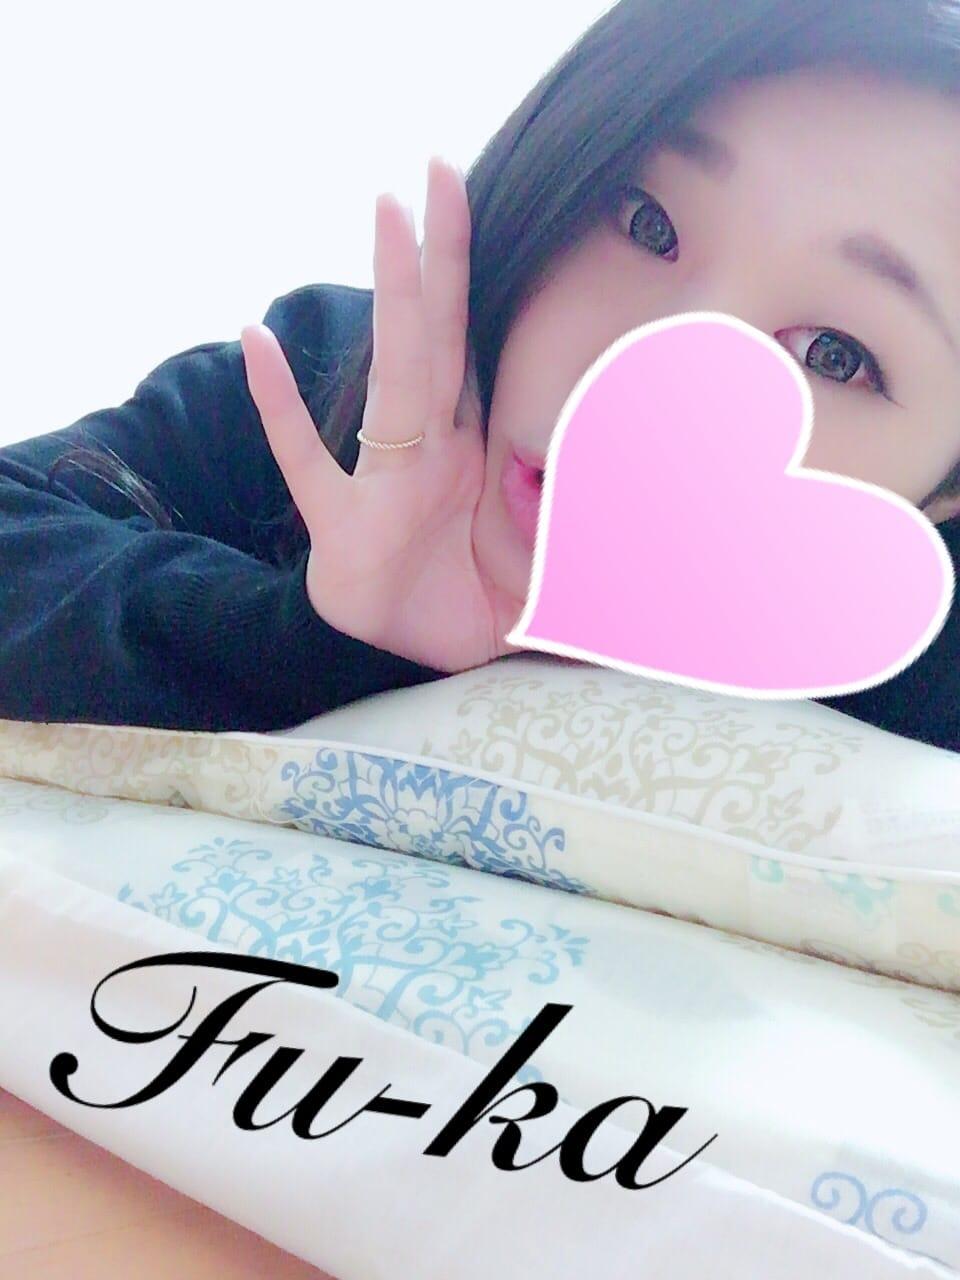 風香(ふうか)「ありがとうございました☆」02/23(金) 03:30 | 風香(ふうか)の写メ・風俗動画